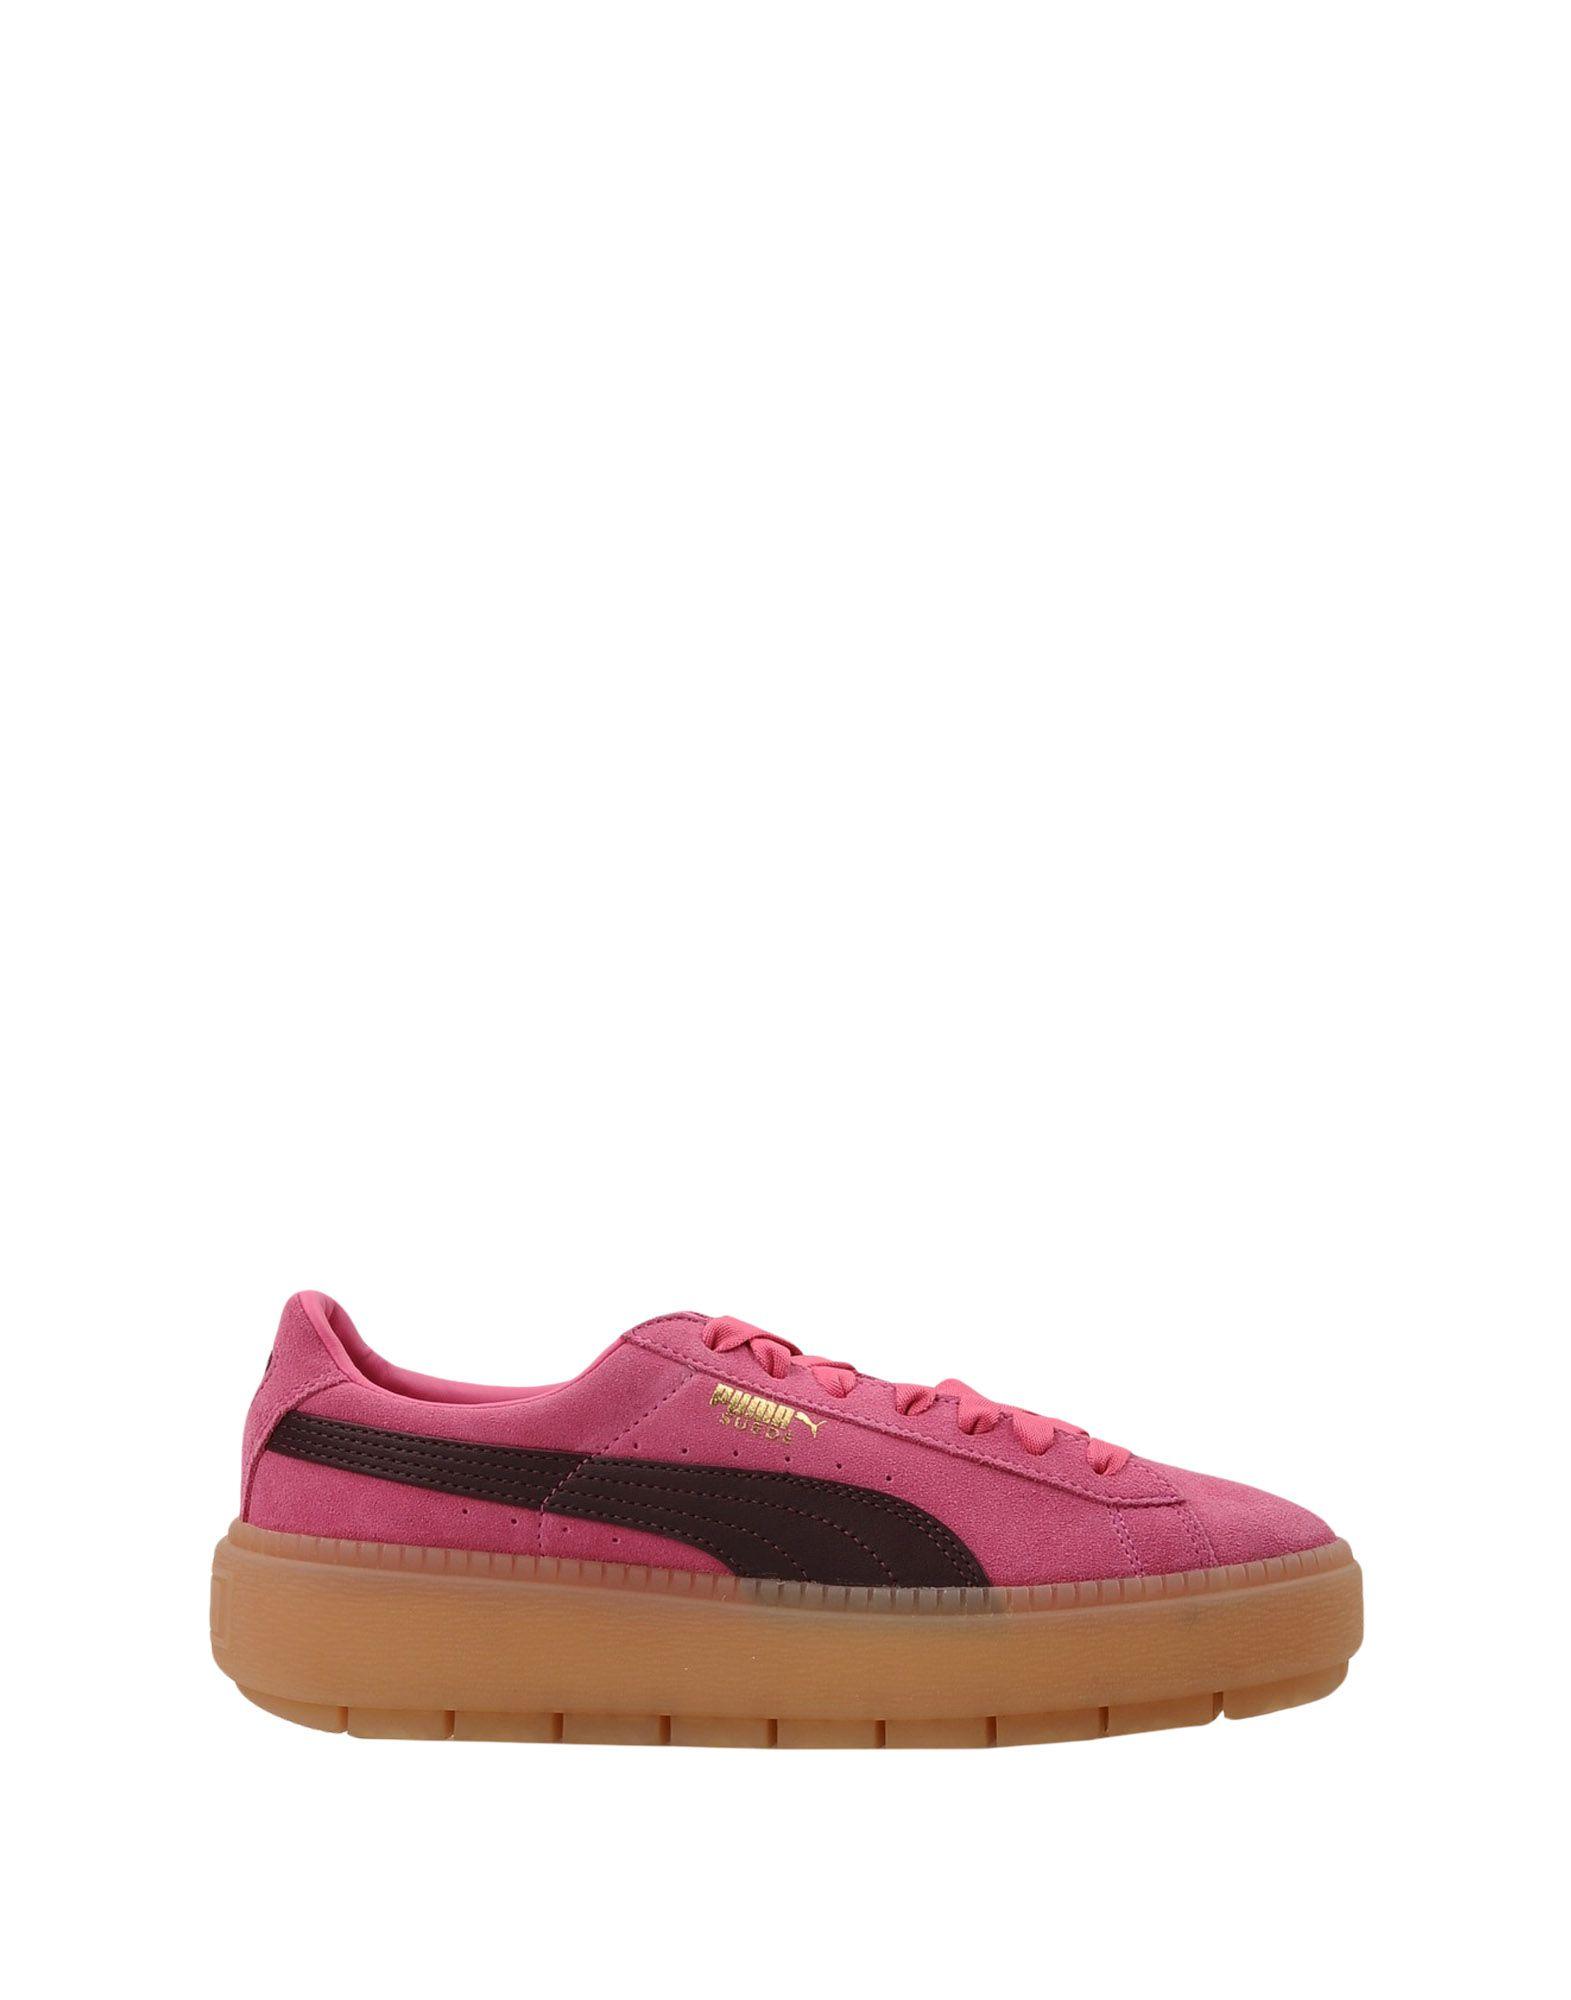 Puma Gute Suede Platformtraceblockwn's  11444995UI Gute Puma Qualität beliebte Schuhe bb83d6